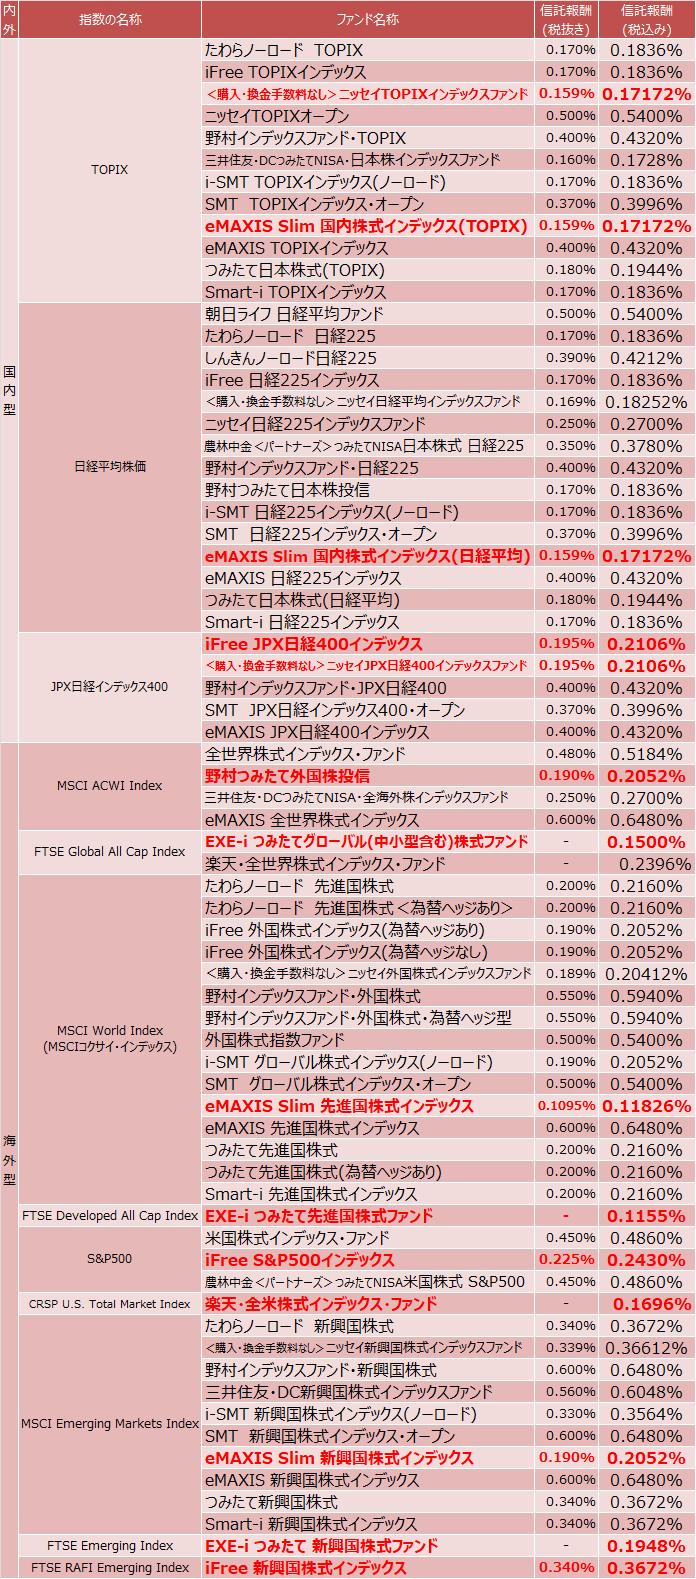 指定インデックス投信一覧(株式型)